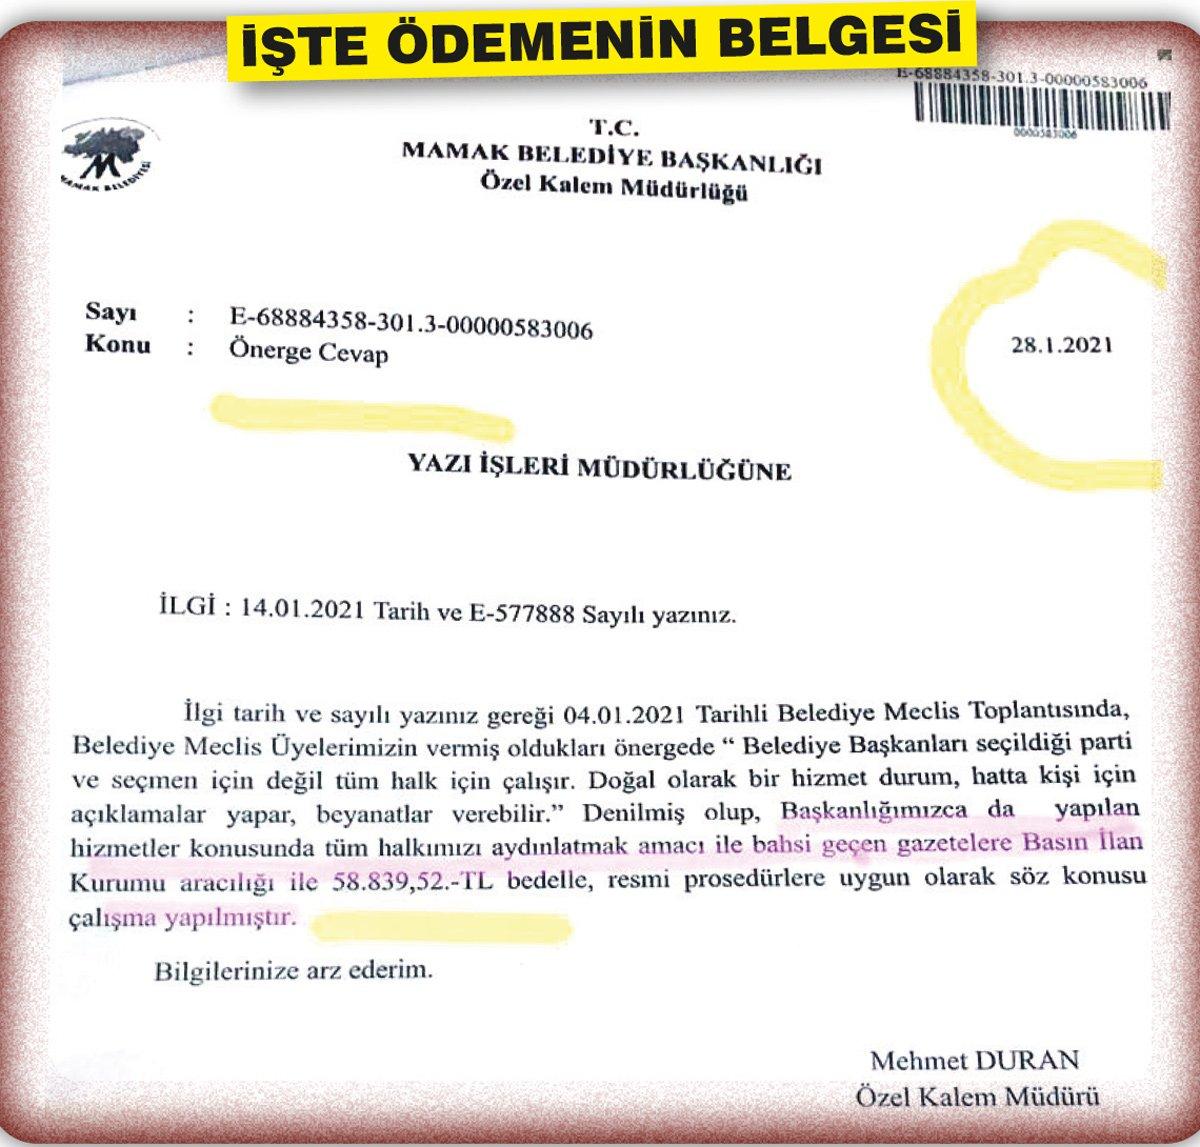 """AKP'li Murat Köse'nin Özel Kalemi Mehmet Duran, 59 bin TL'lik ilanın """"Halkı aydınlatmak"""" için verildiğini söyledi."""